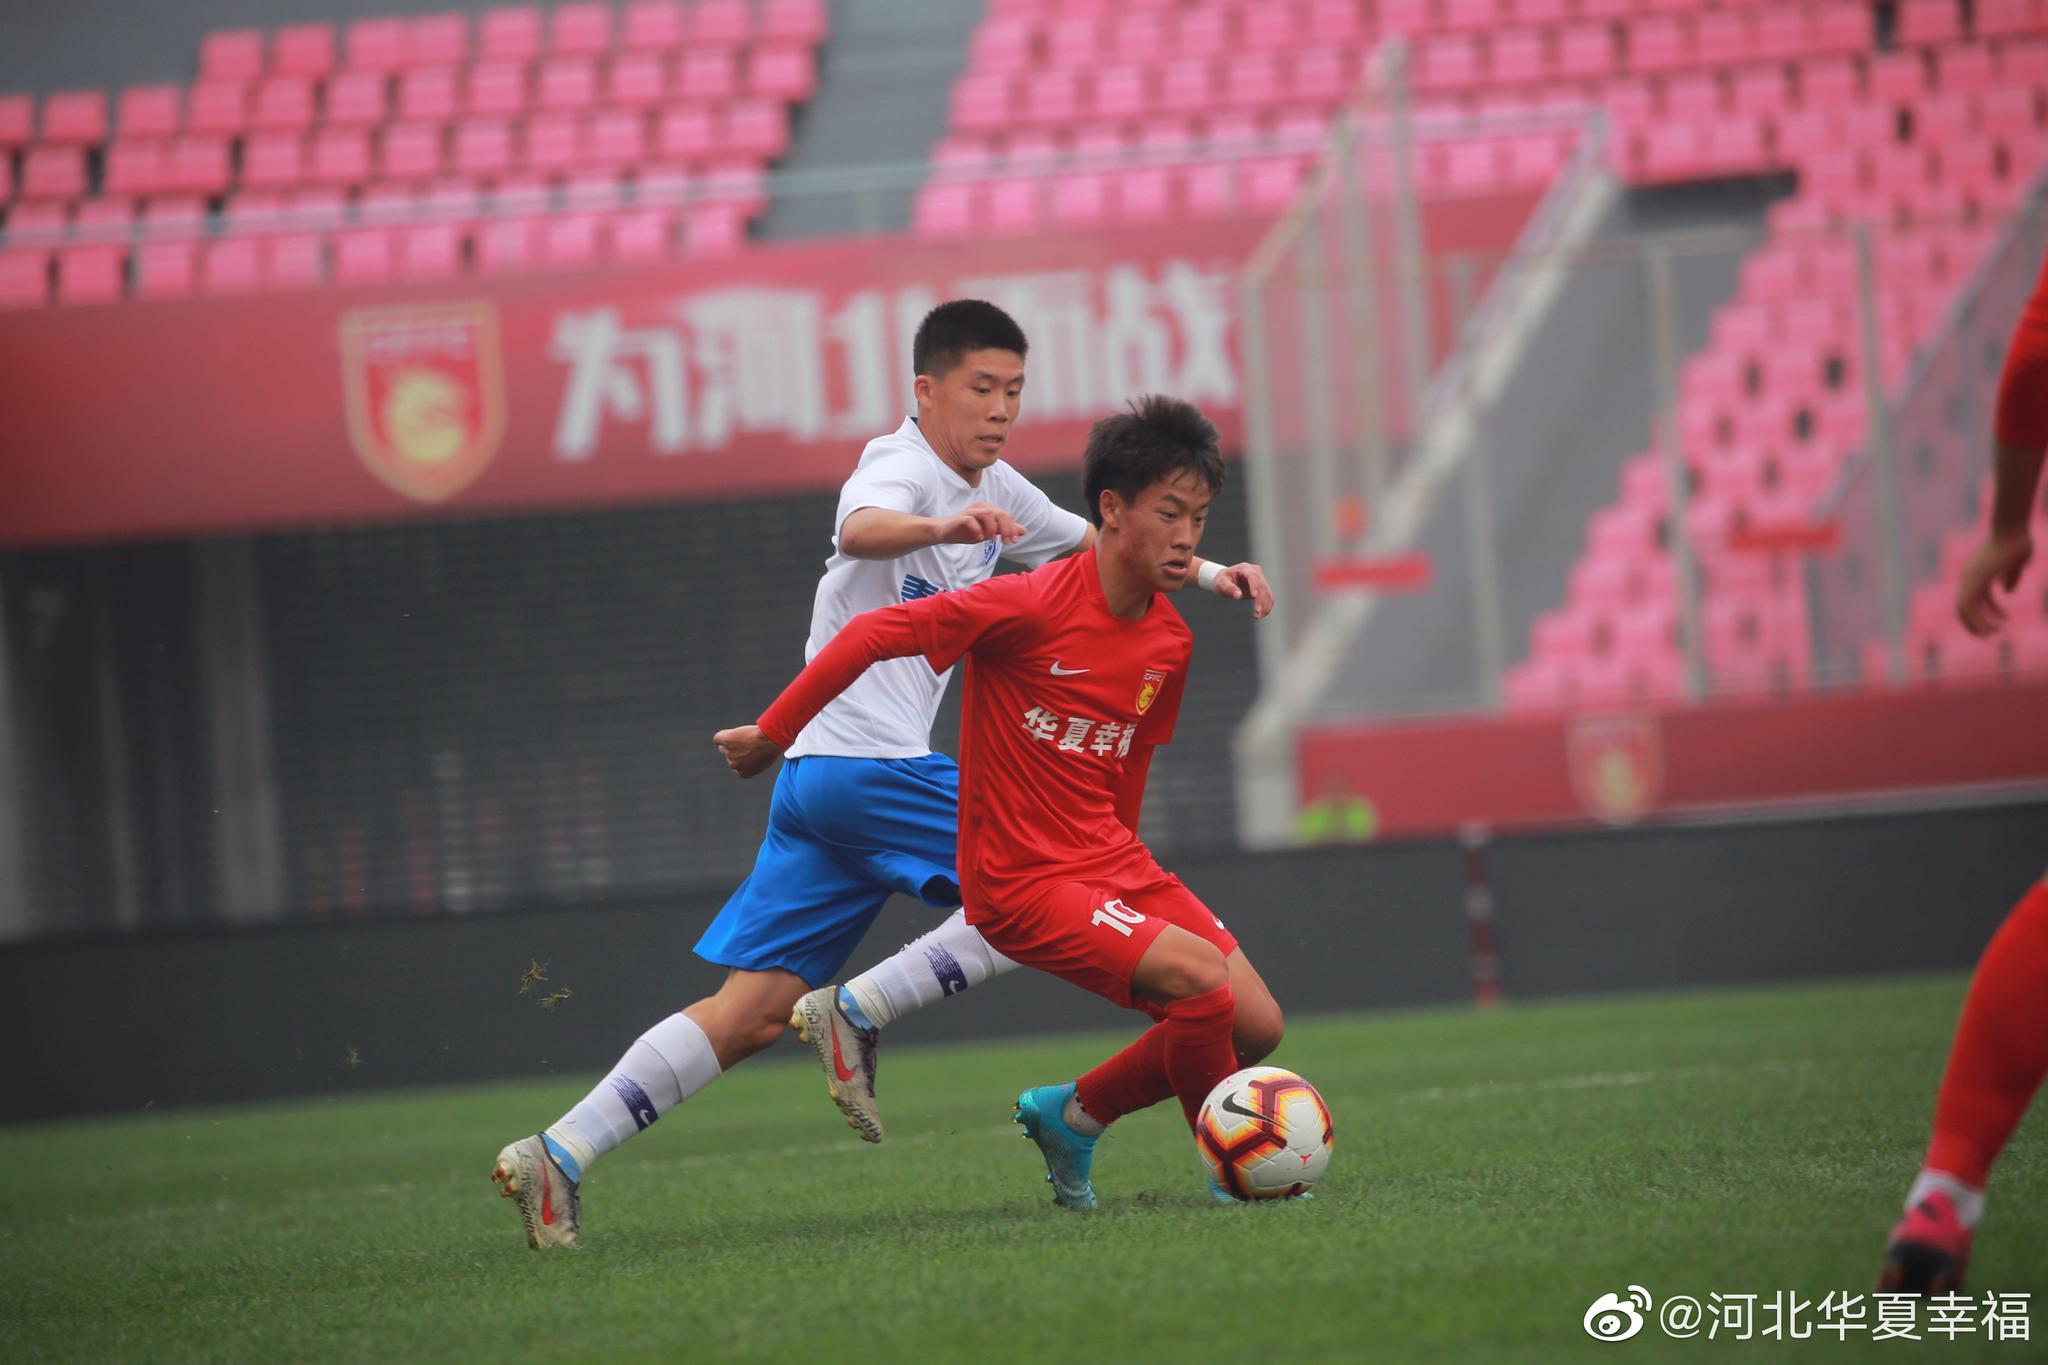 今天下午,2019青超联赛U19年龄段的一场焦点战在廊坊体育场展开